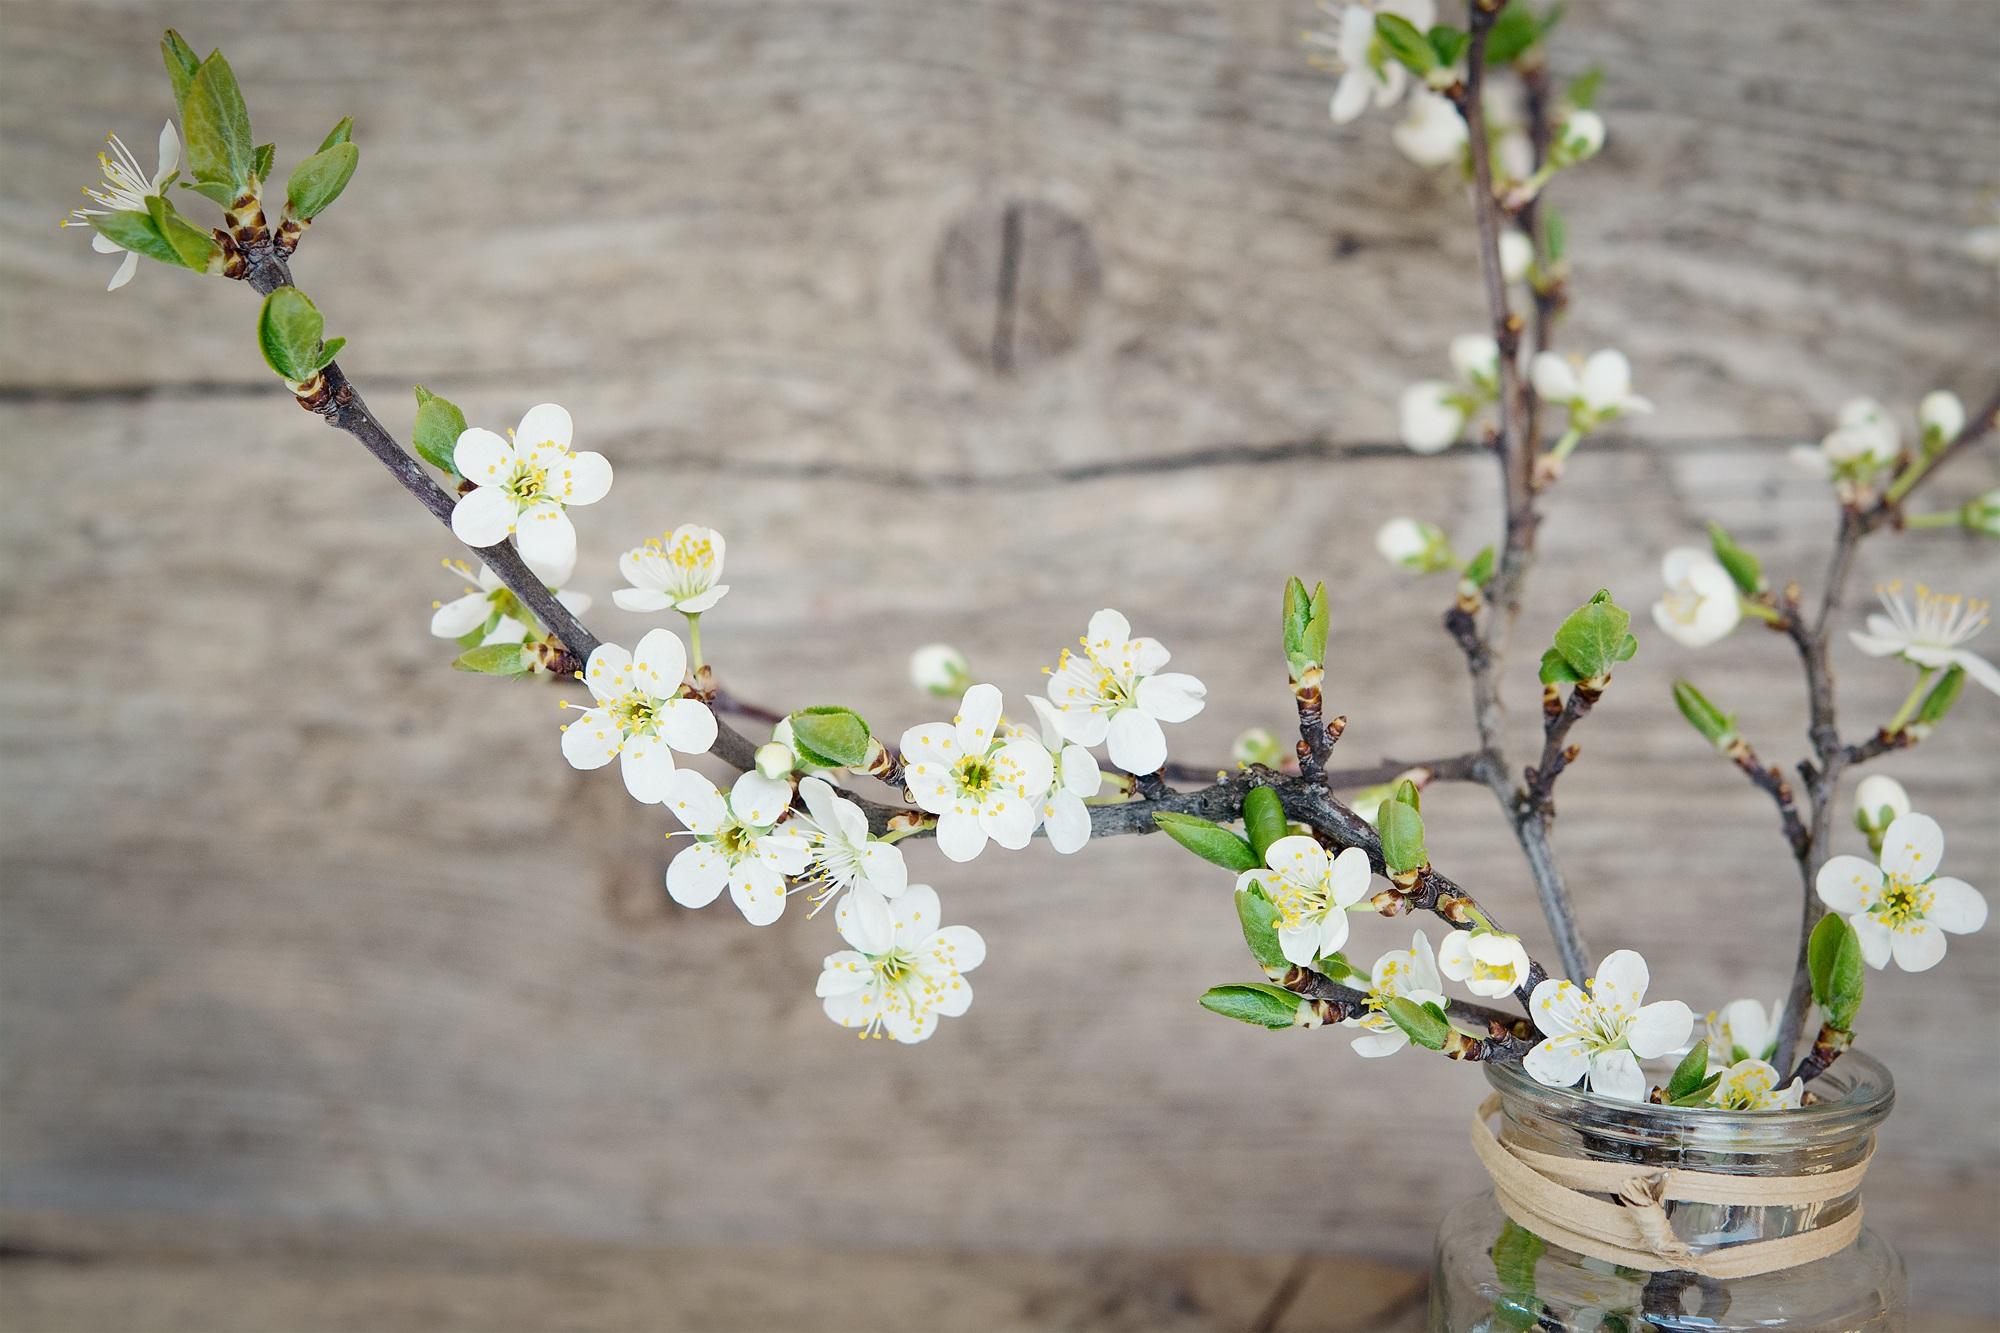 протяжении картинки весенних веточек и цветов тубус, гарантирует